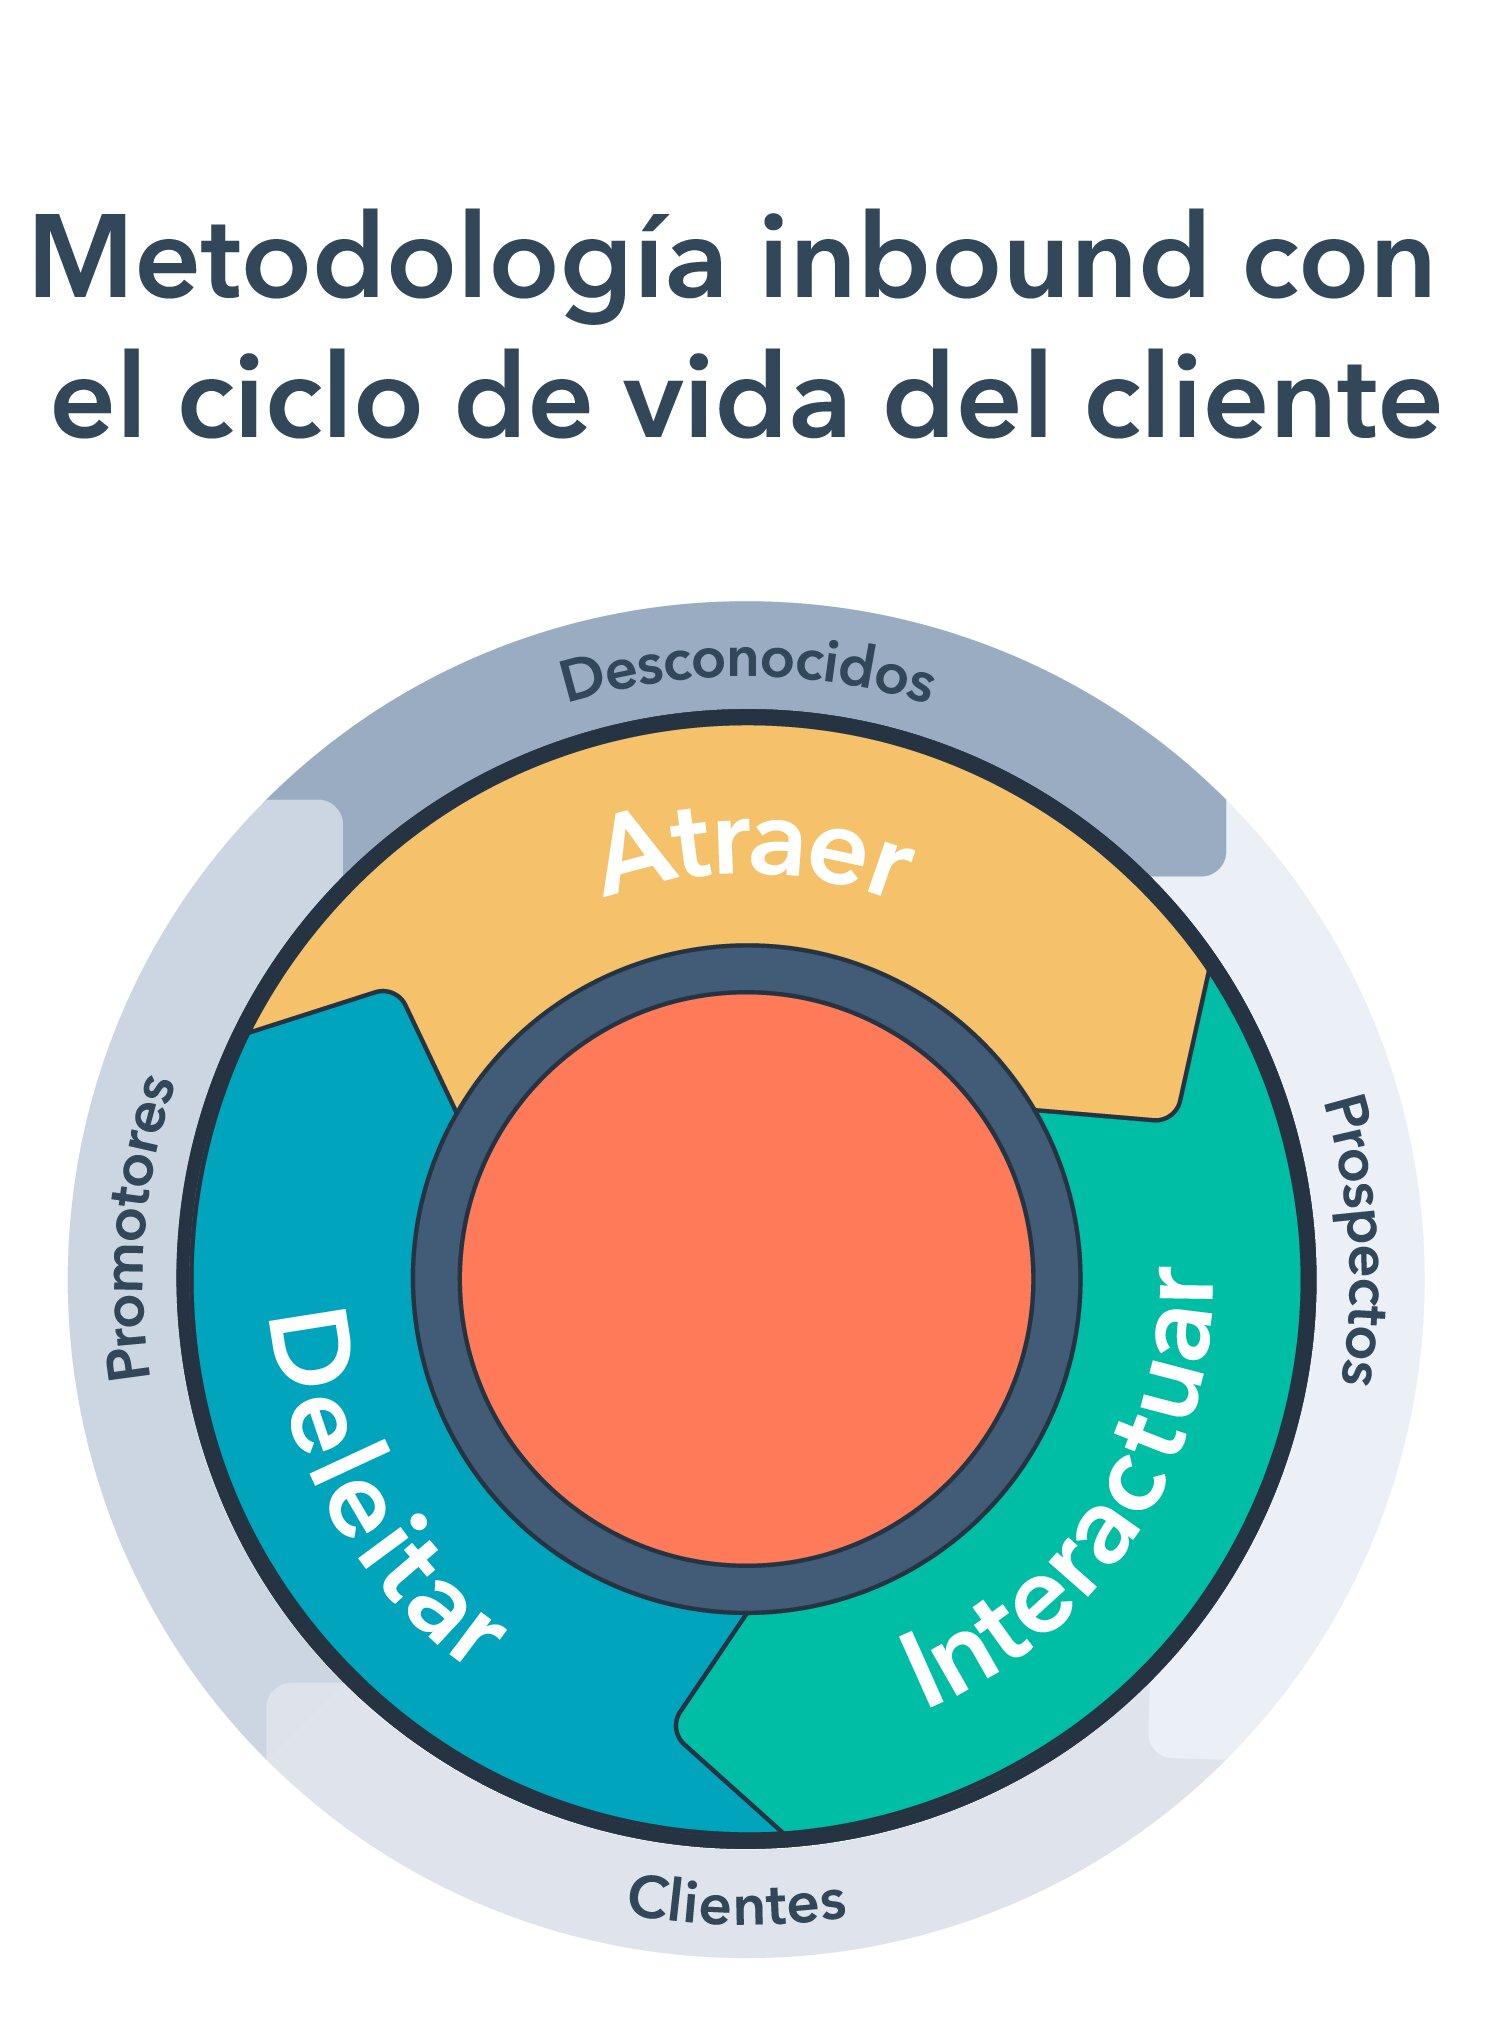 Estrategias de servicio al cliente - metodología inbound